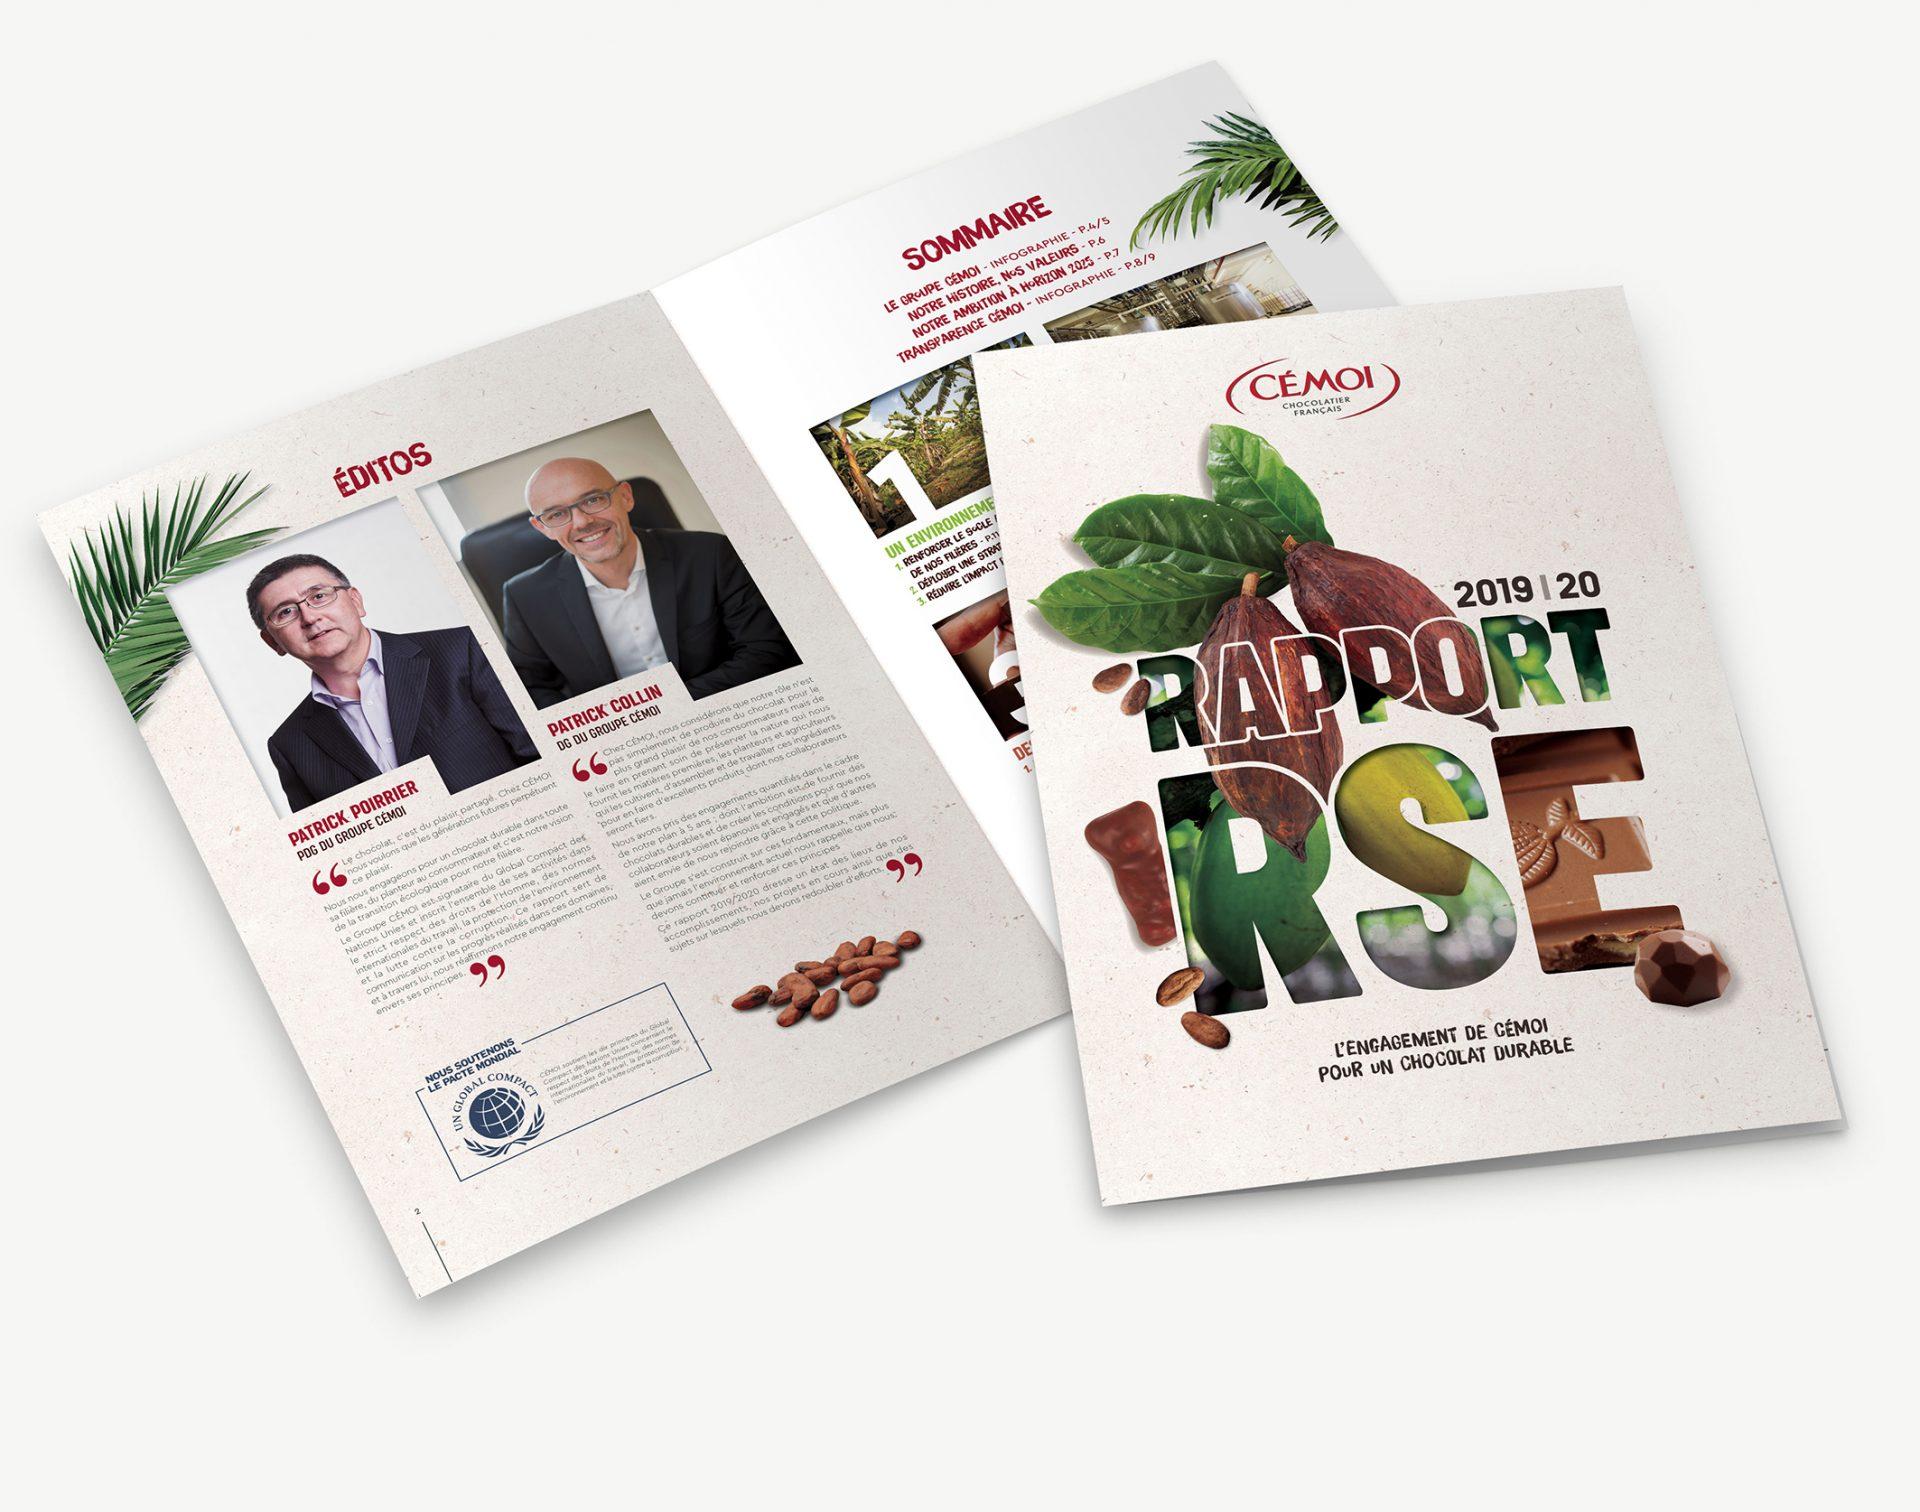 Rapport RSE Cémoi 2019-2020